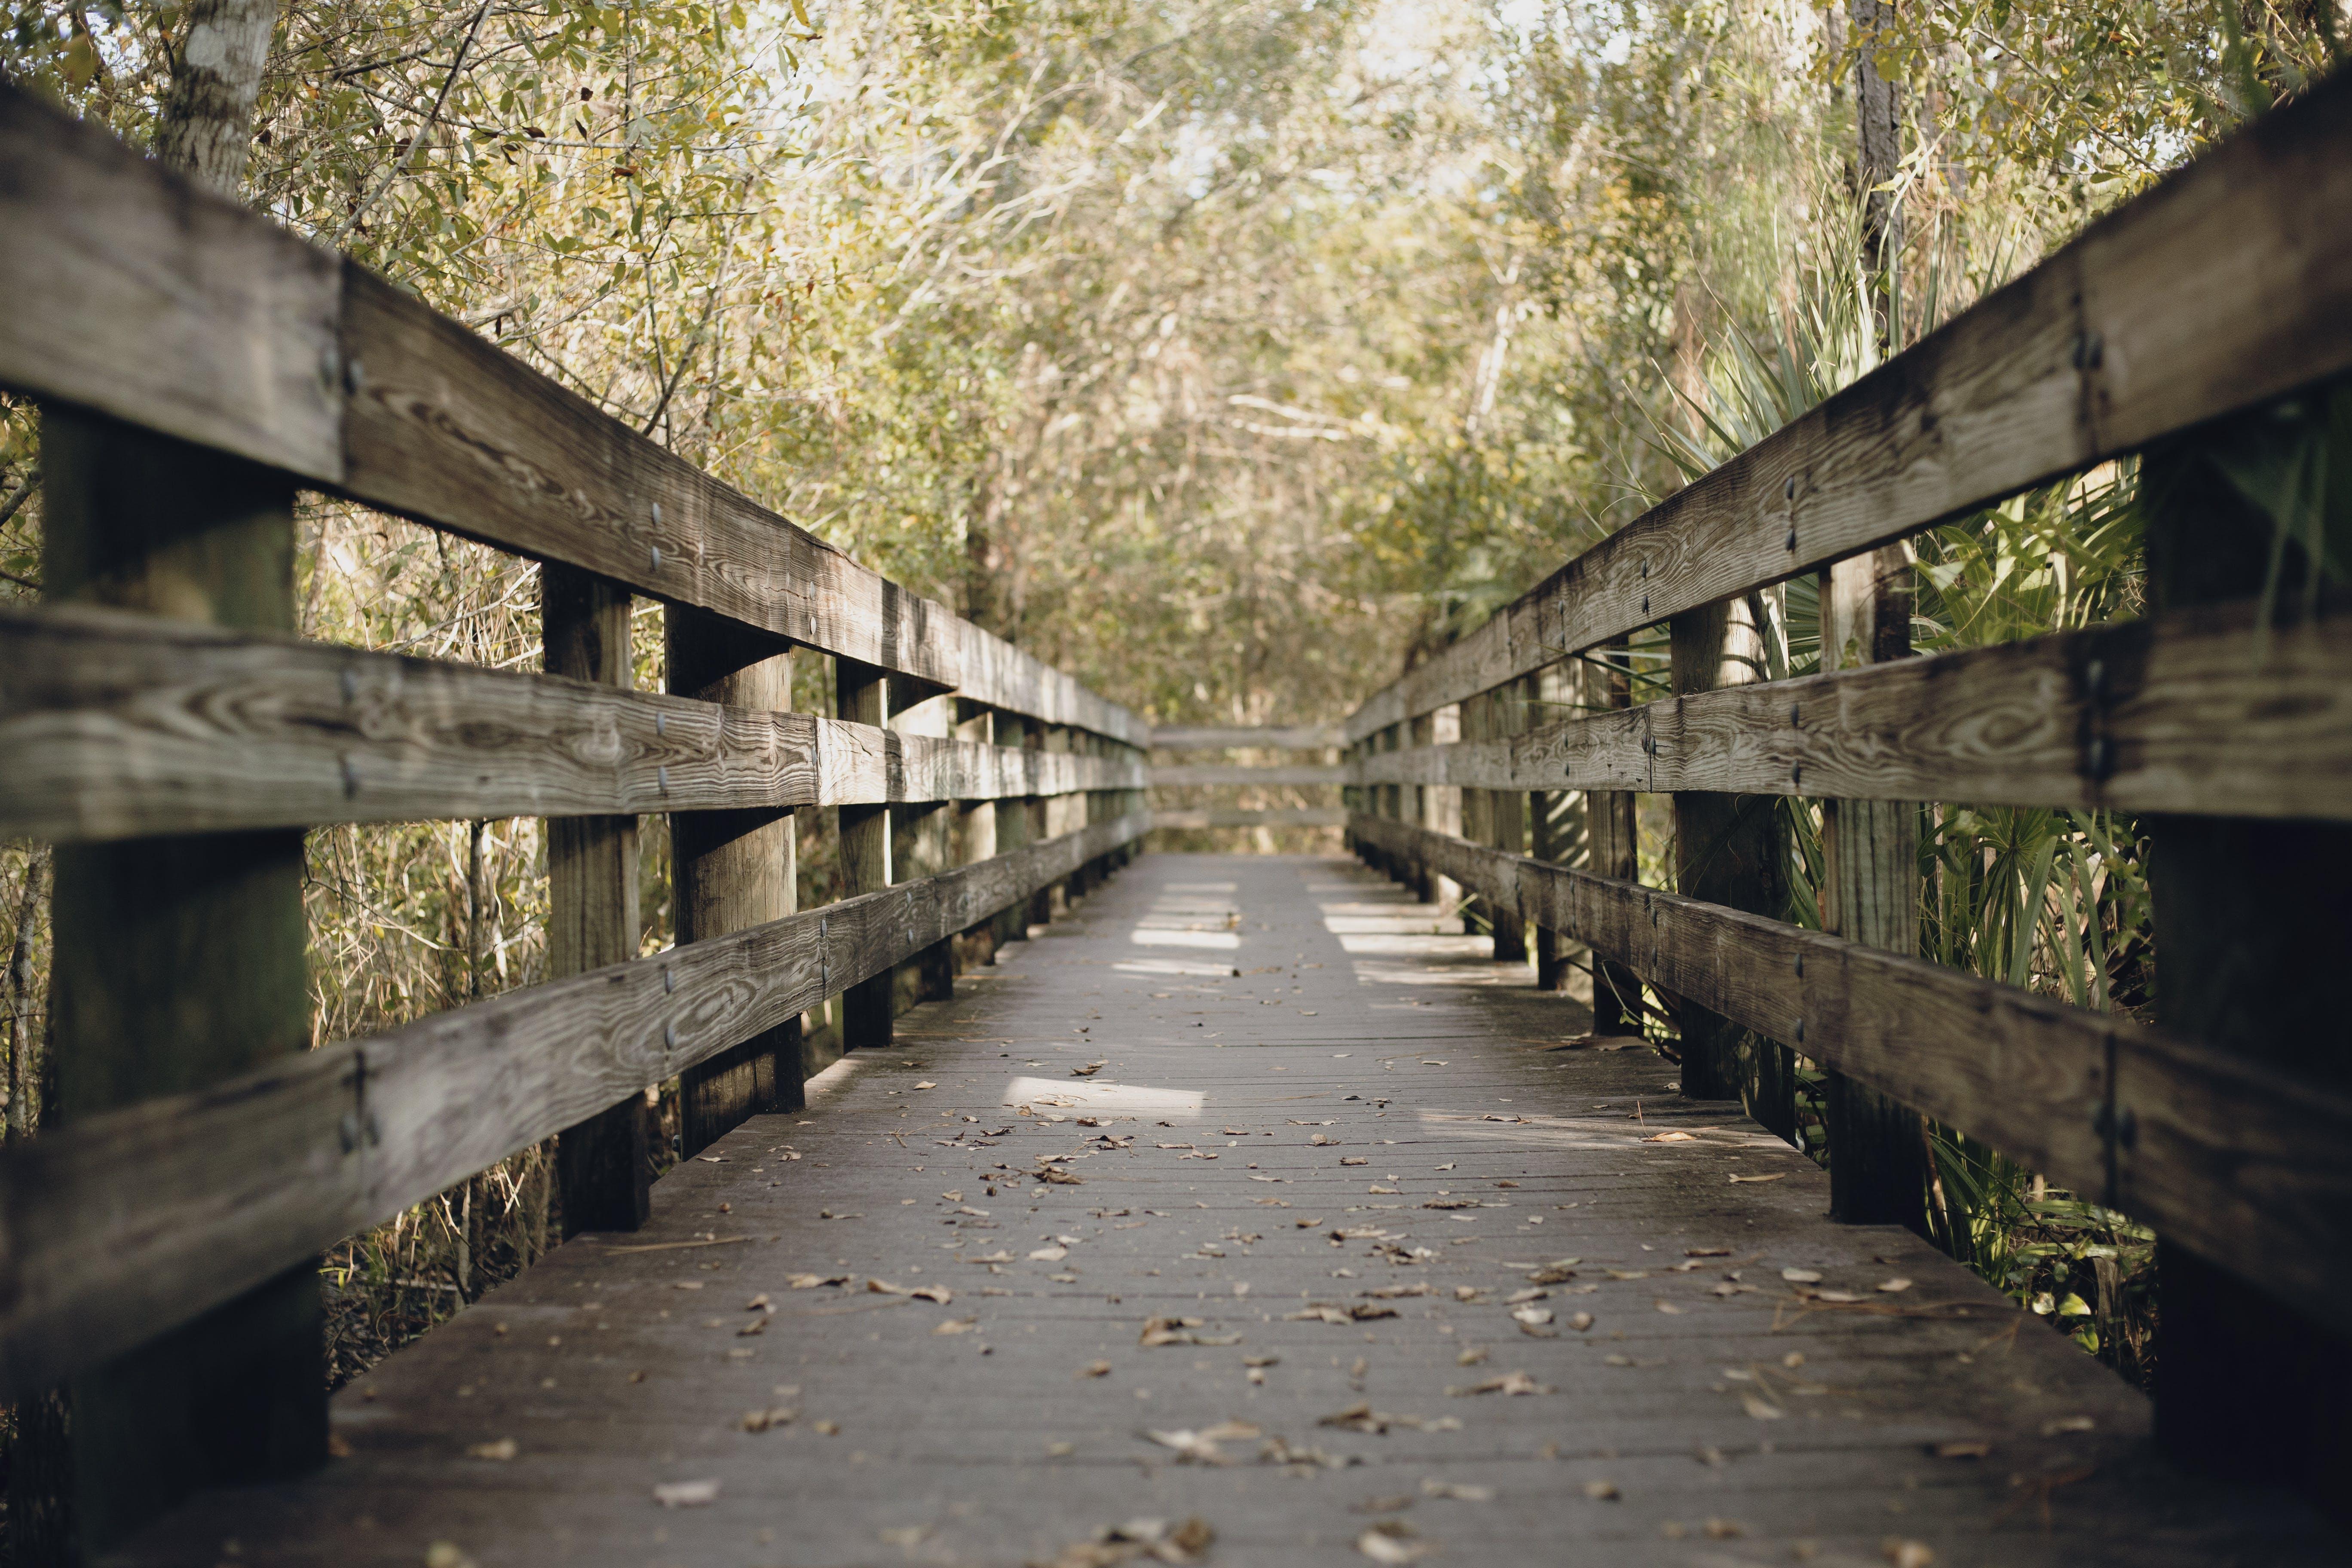 Brown Wooden Bridge In Lush Forest